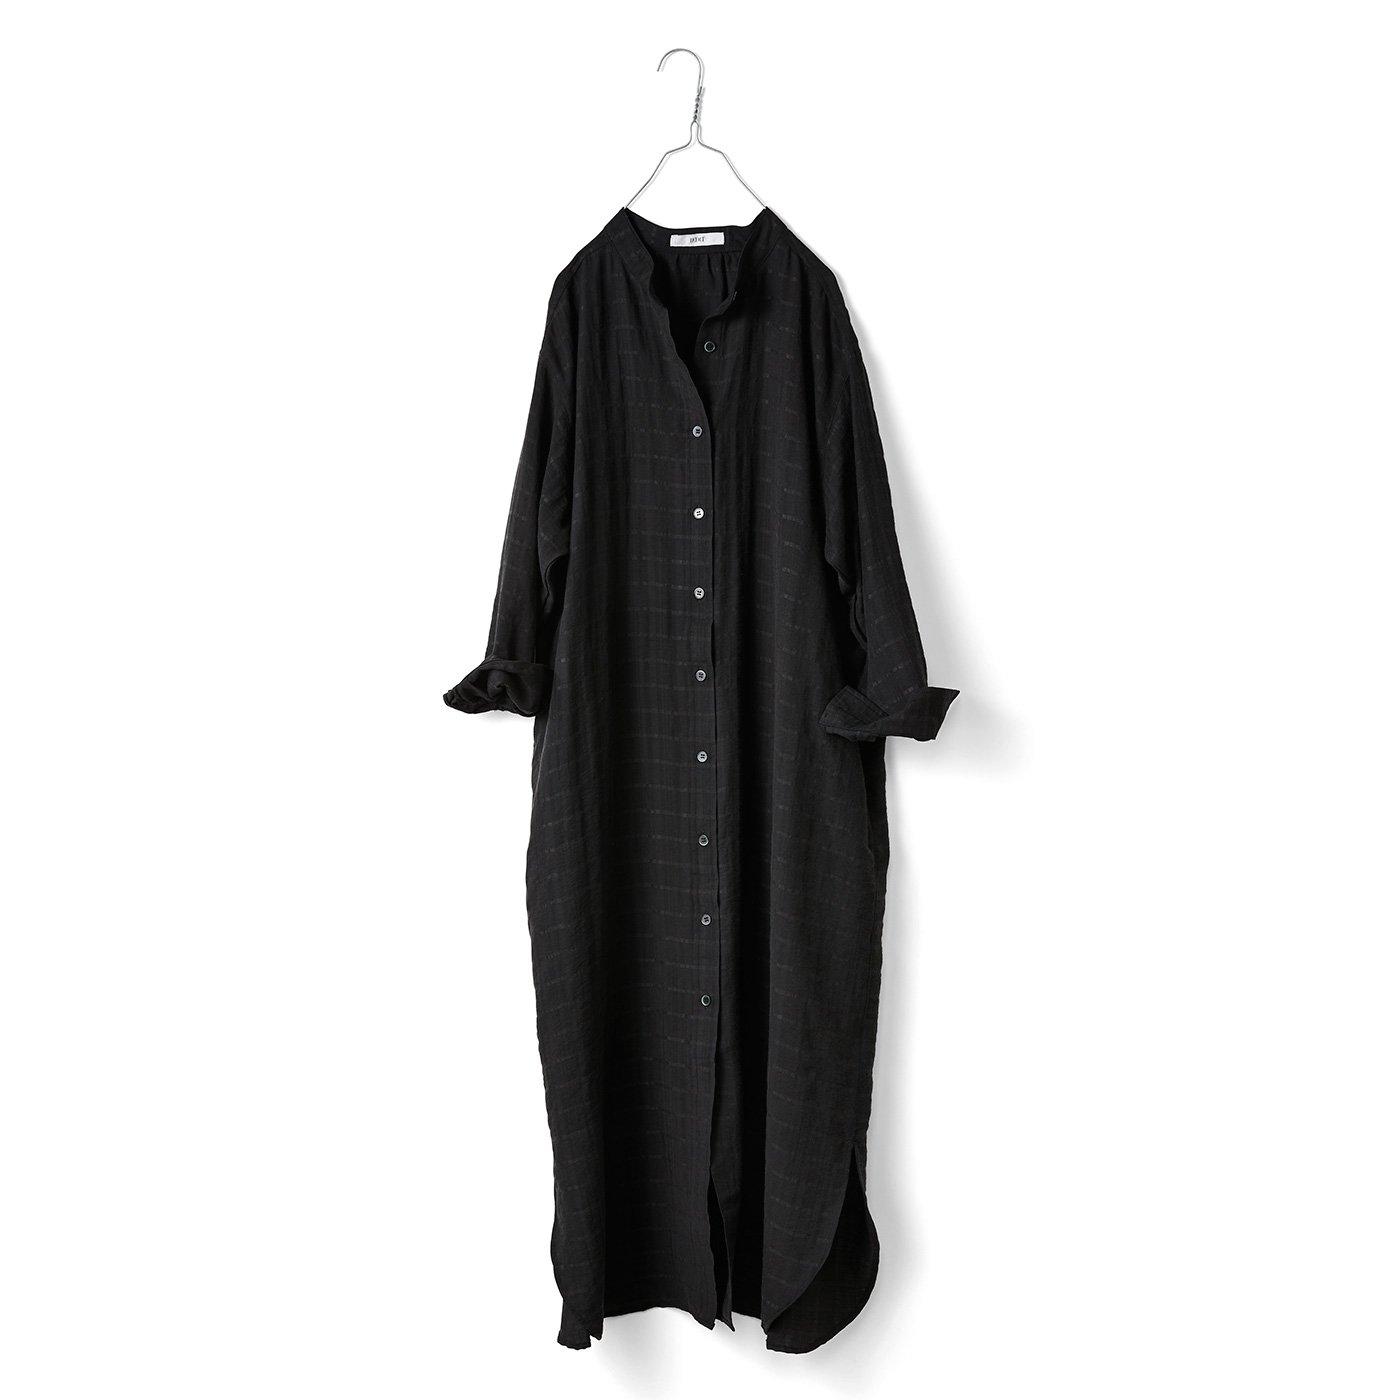 IEDIT[イディット] リヨセル混素材のロングシャツワンピ〈ブラック〉